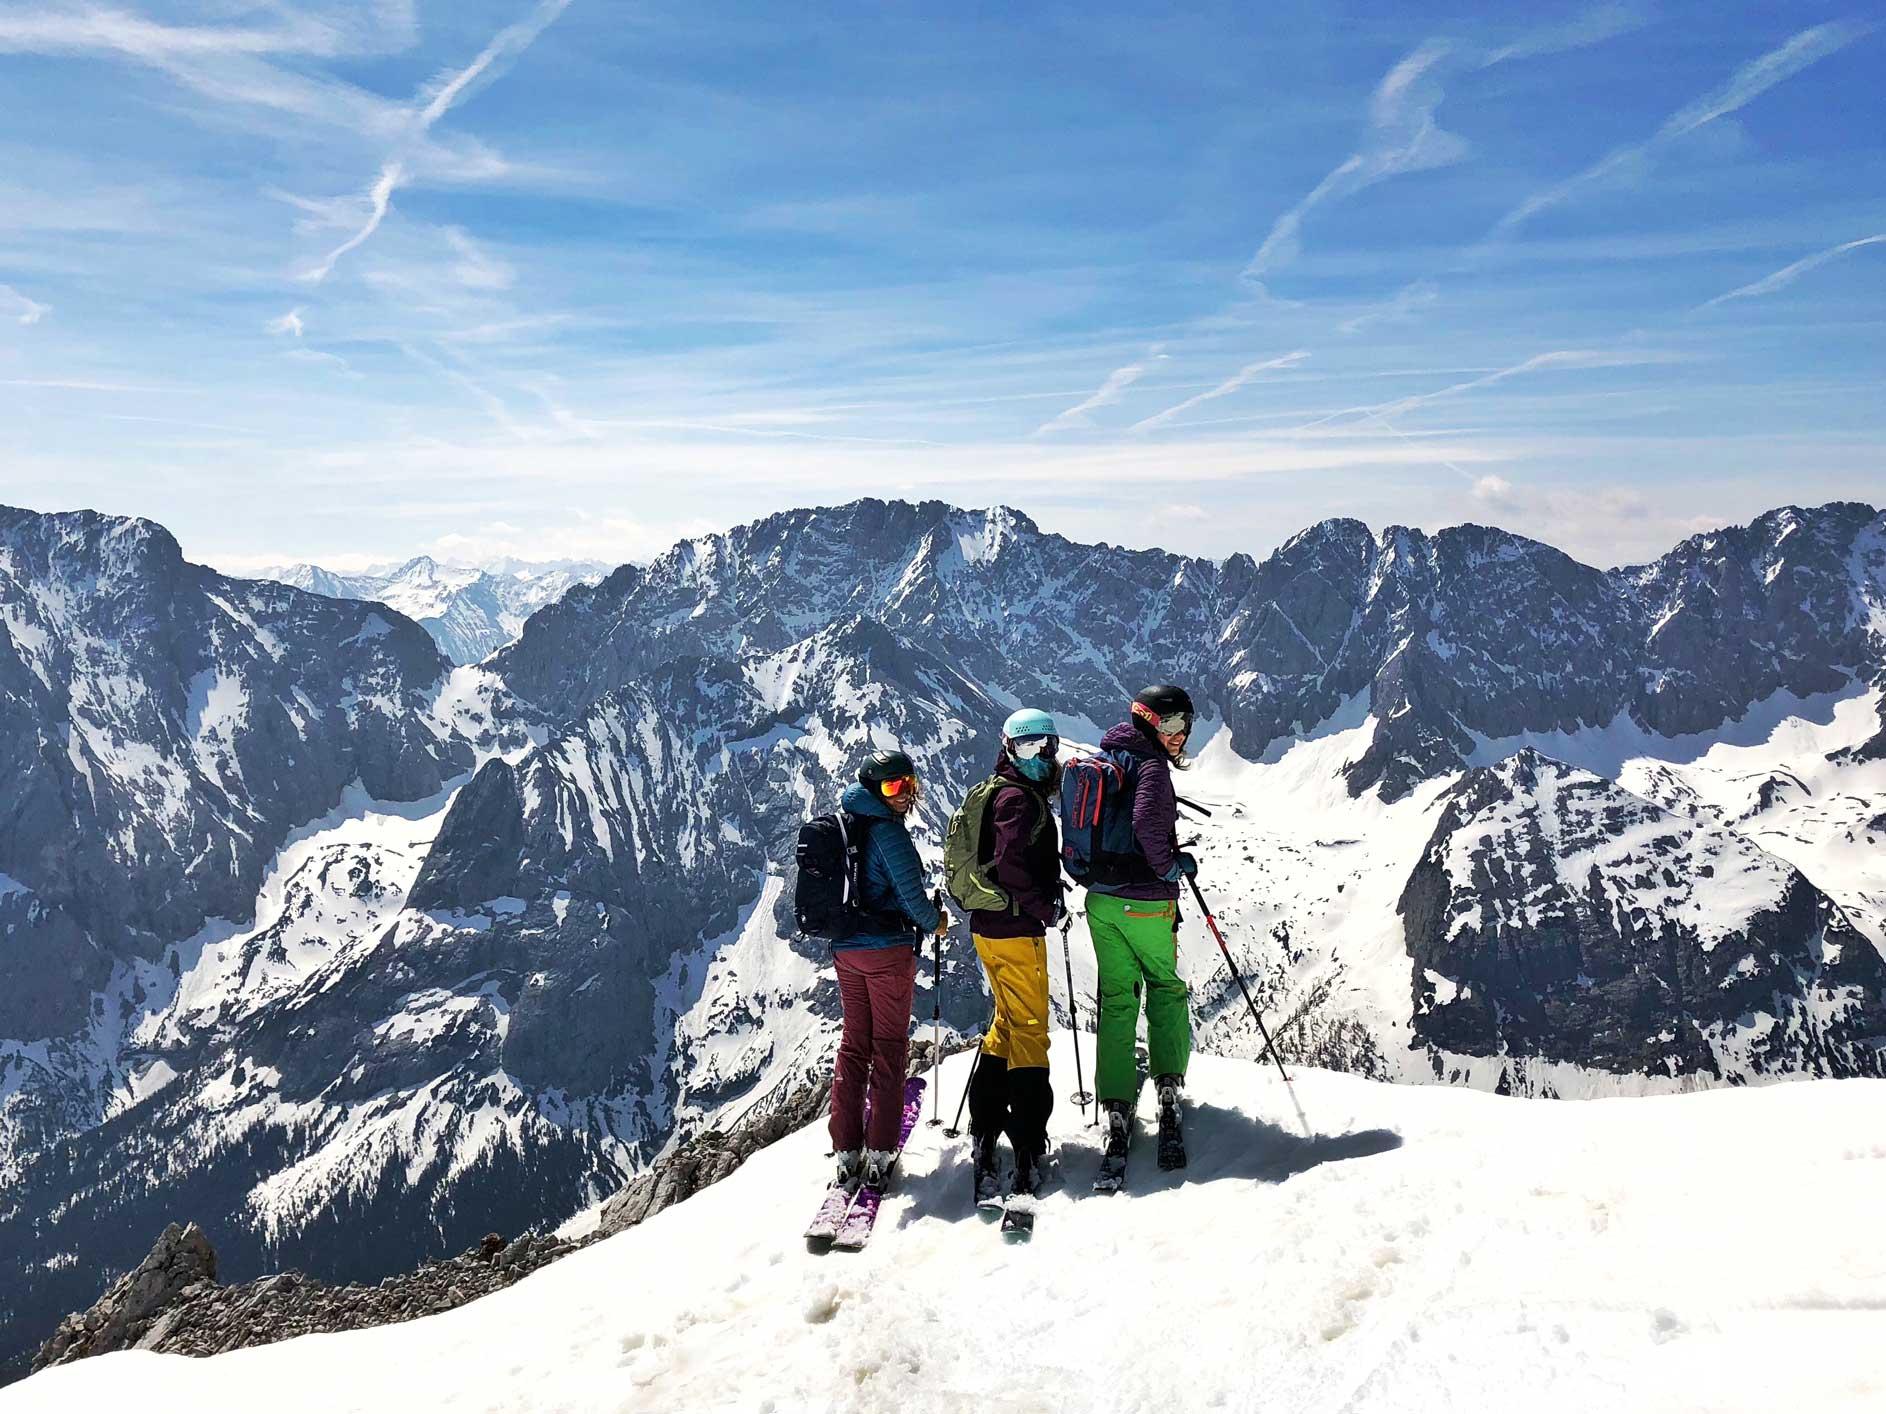 mit-der-bahn-zum-skifahren-zur-zugspitze-munichmountaingirls